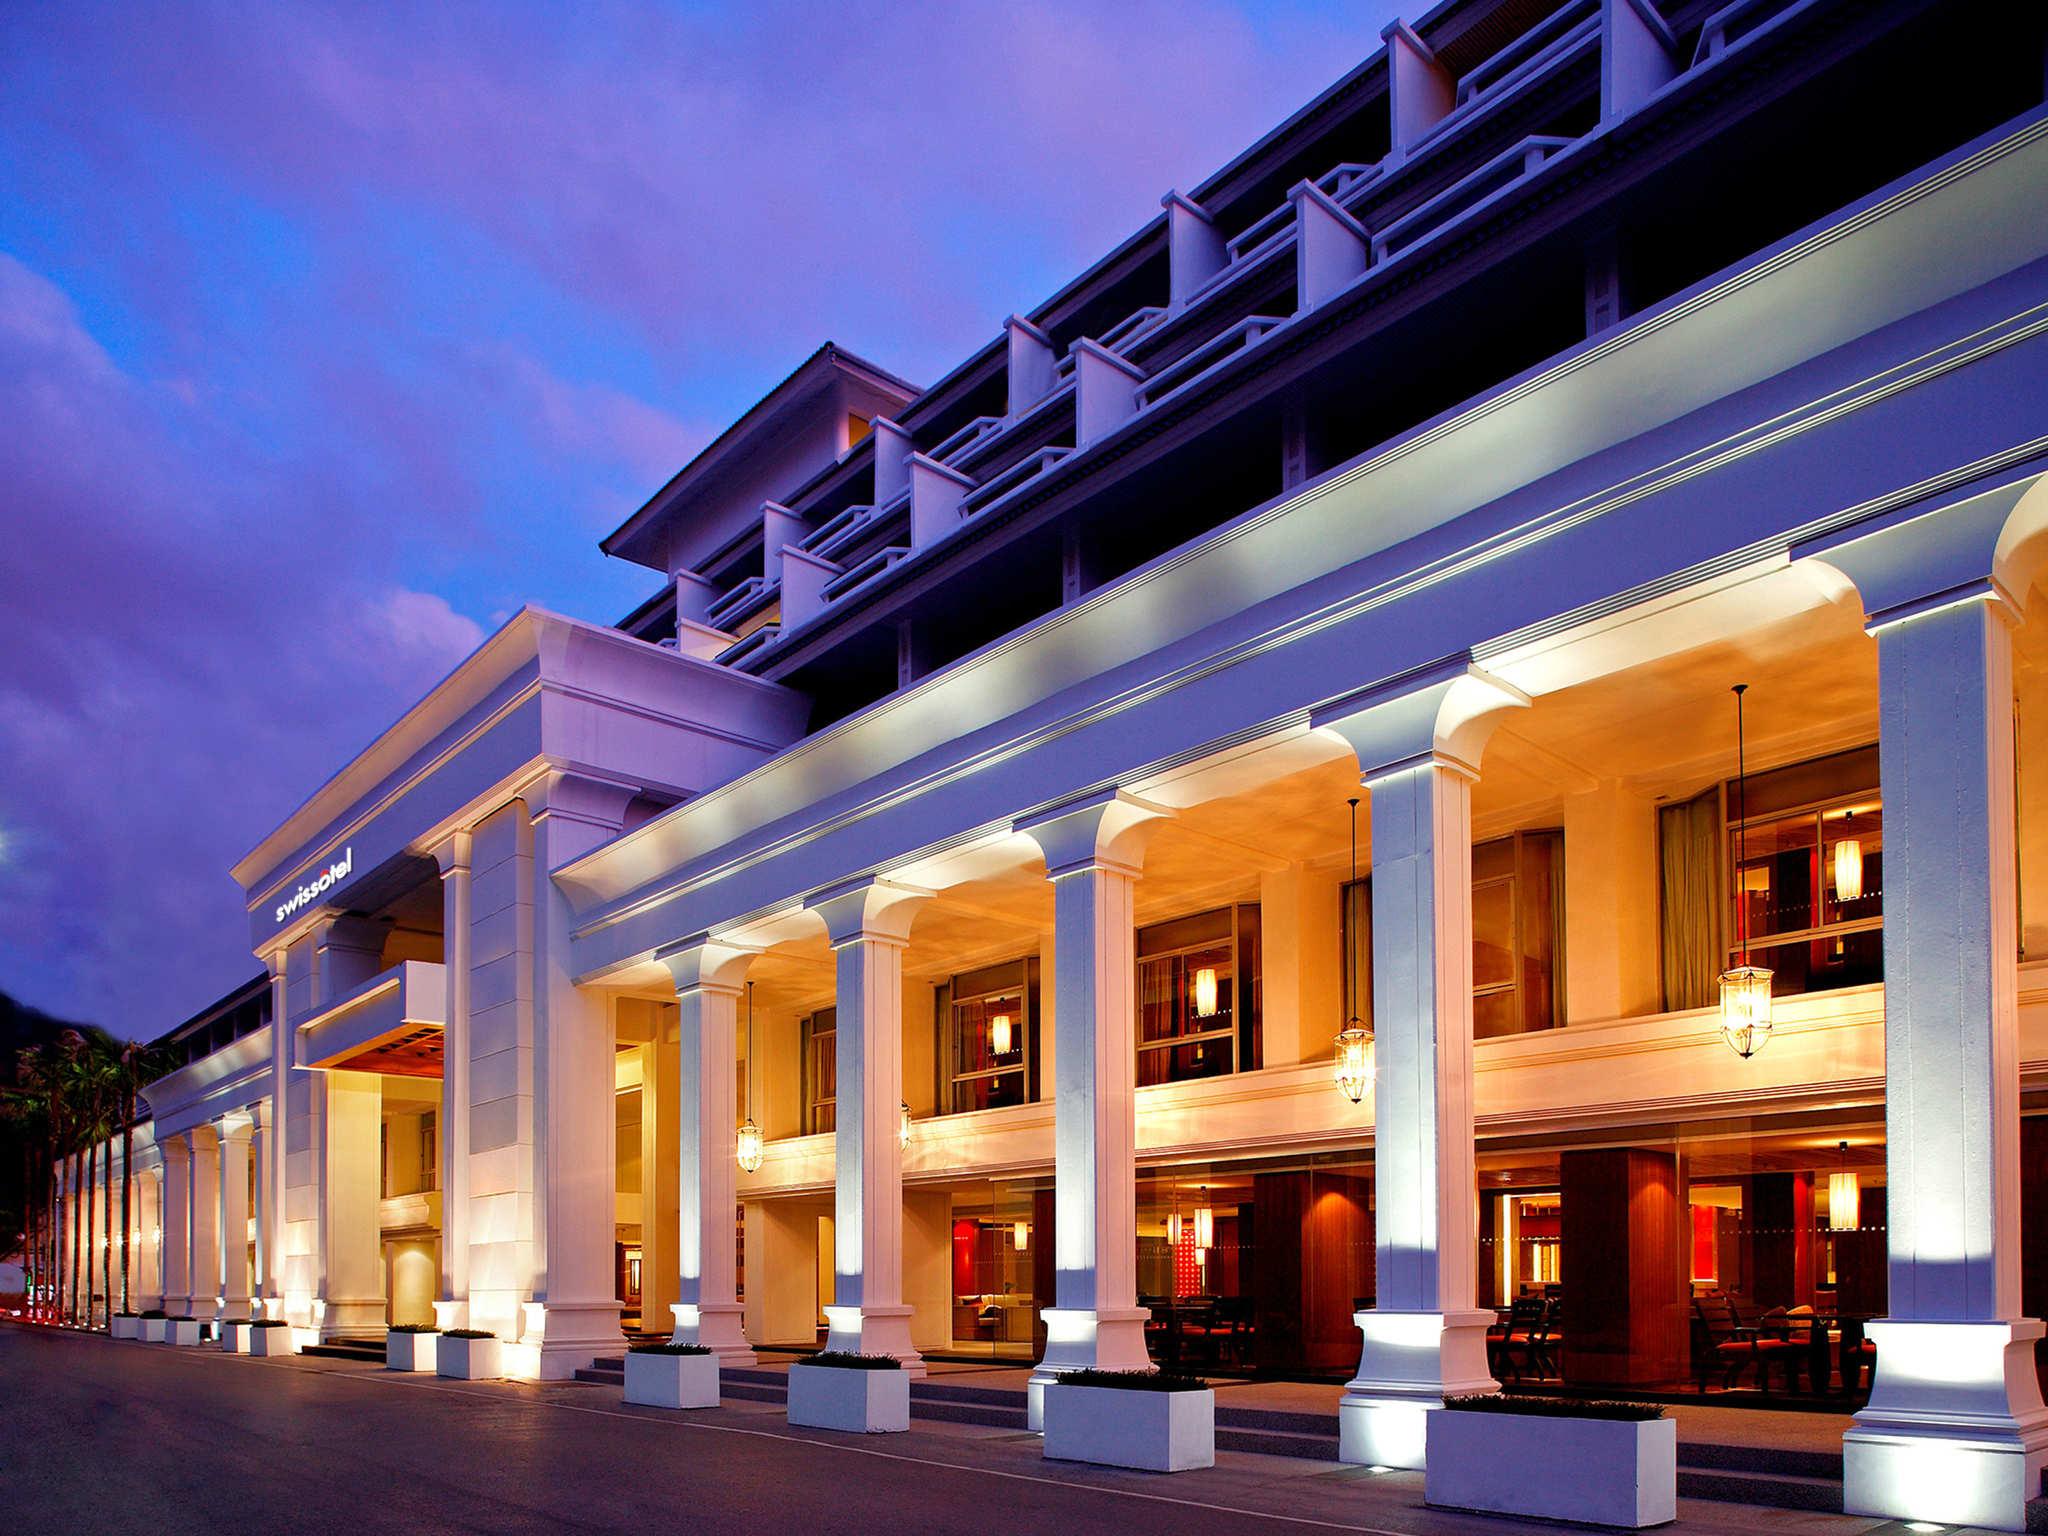 Hotel - Swissôtel Resort Phuket Patong Beach